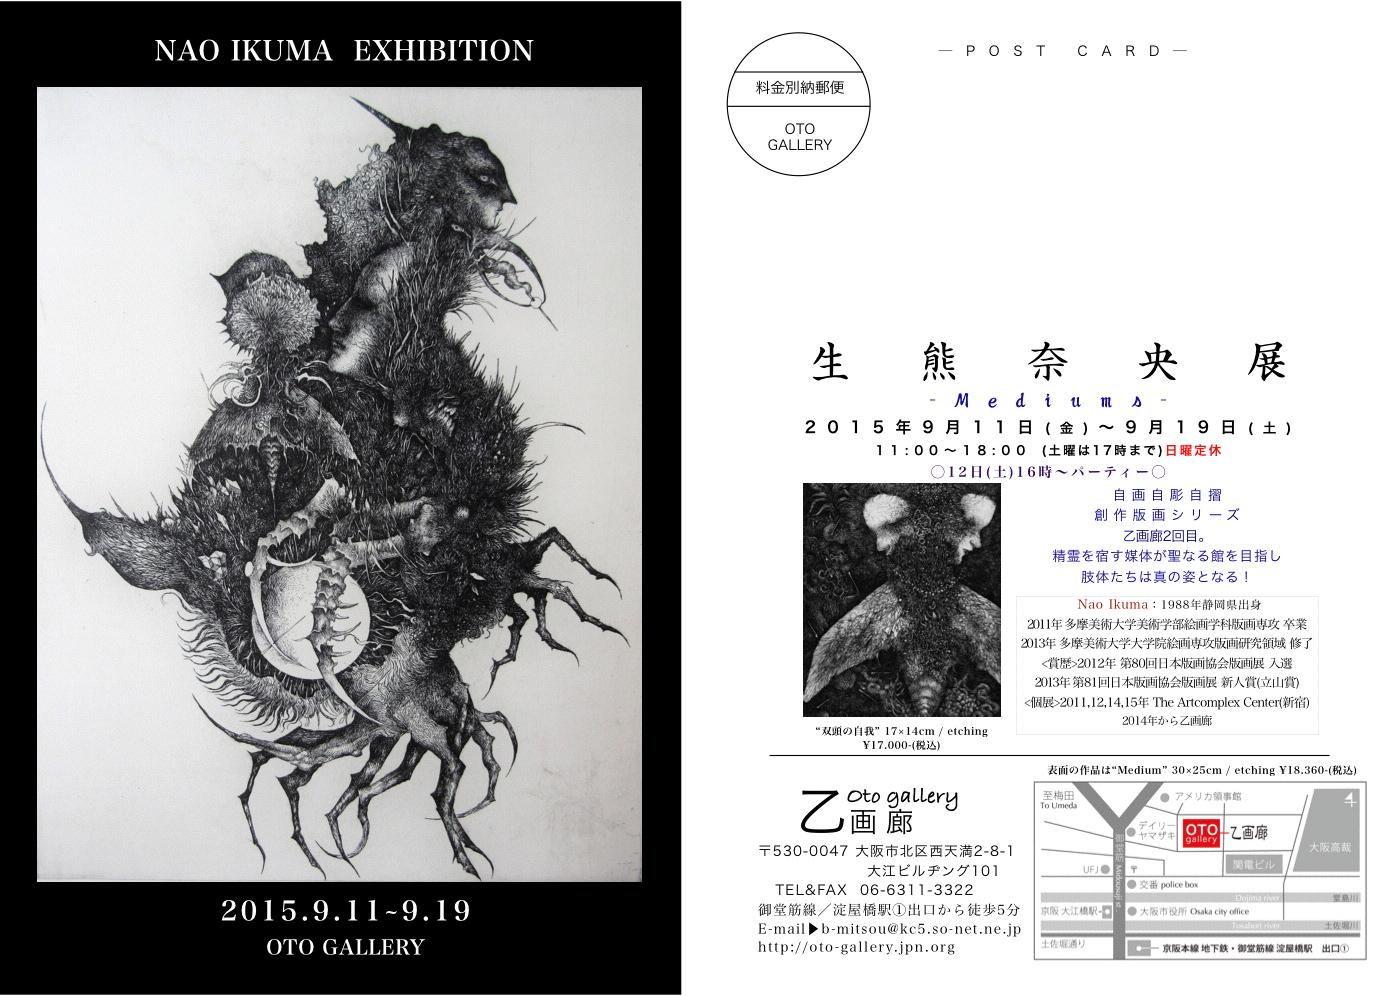 生熊奈央 -mediums- 銅版画展 終了しました。_b0124224_13523632.jpg